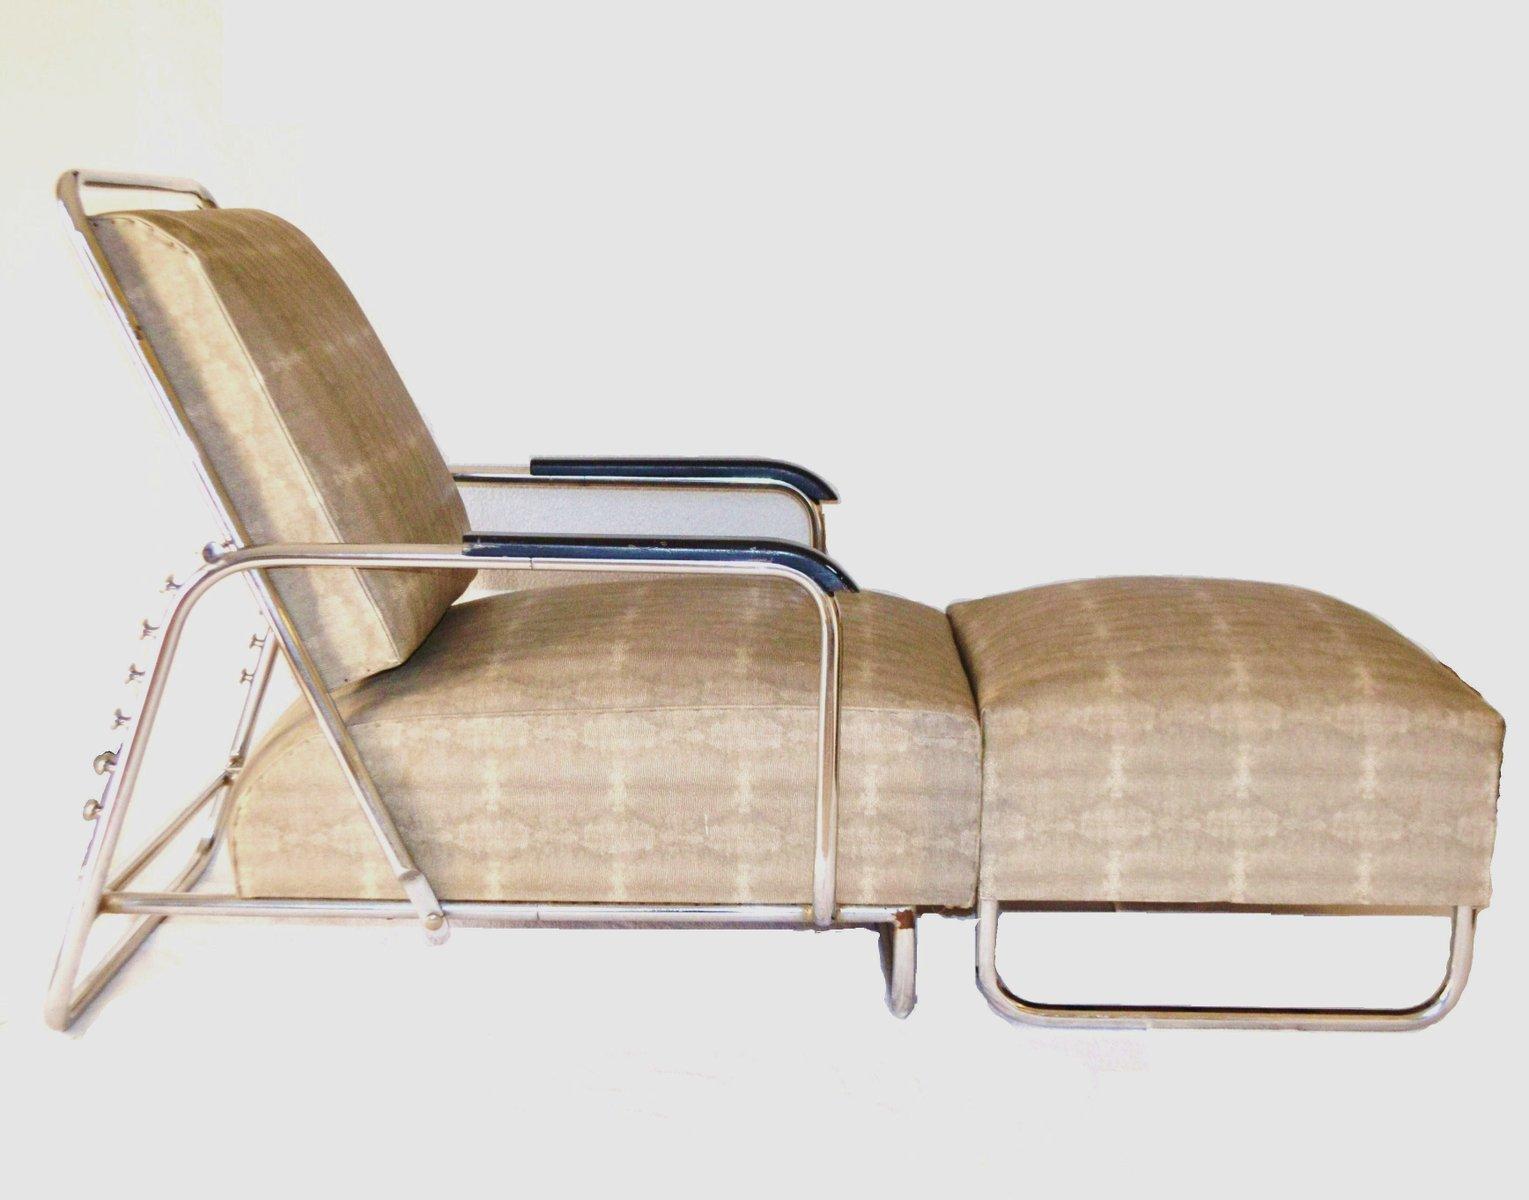 gro er verstellbarer bauhaus sessel mit hocker 1930er bei. Black Bedroom Furniture Sets. Home Design Ideas